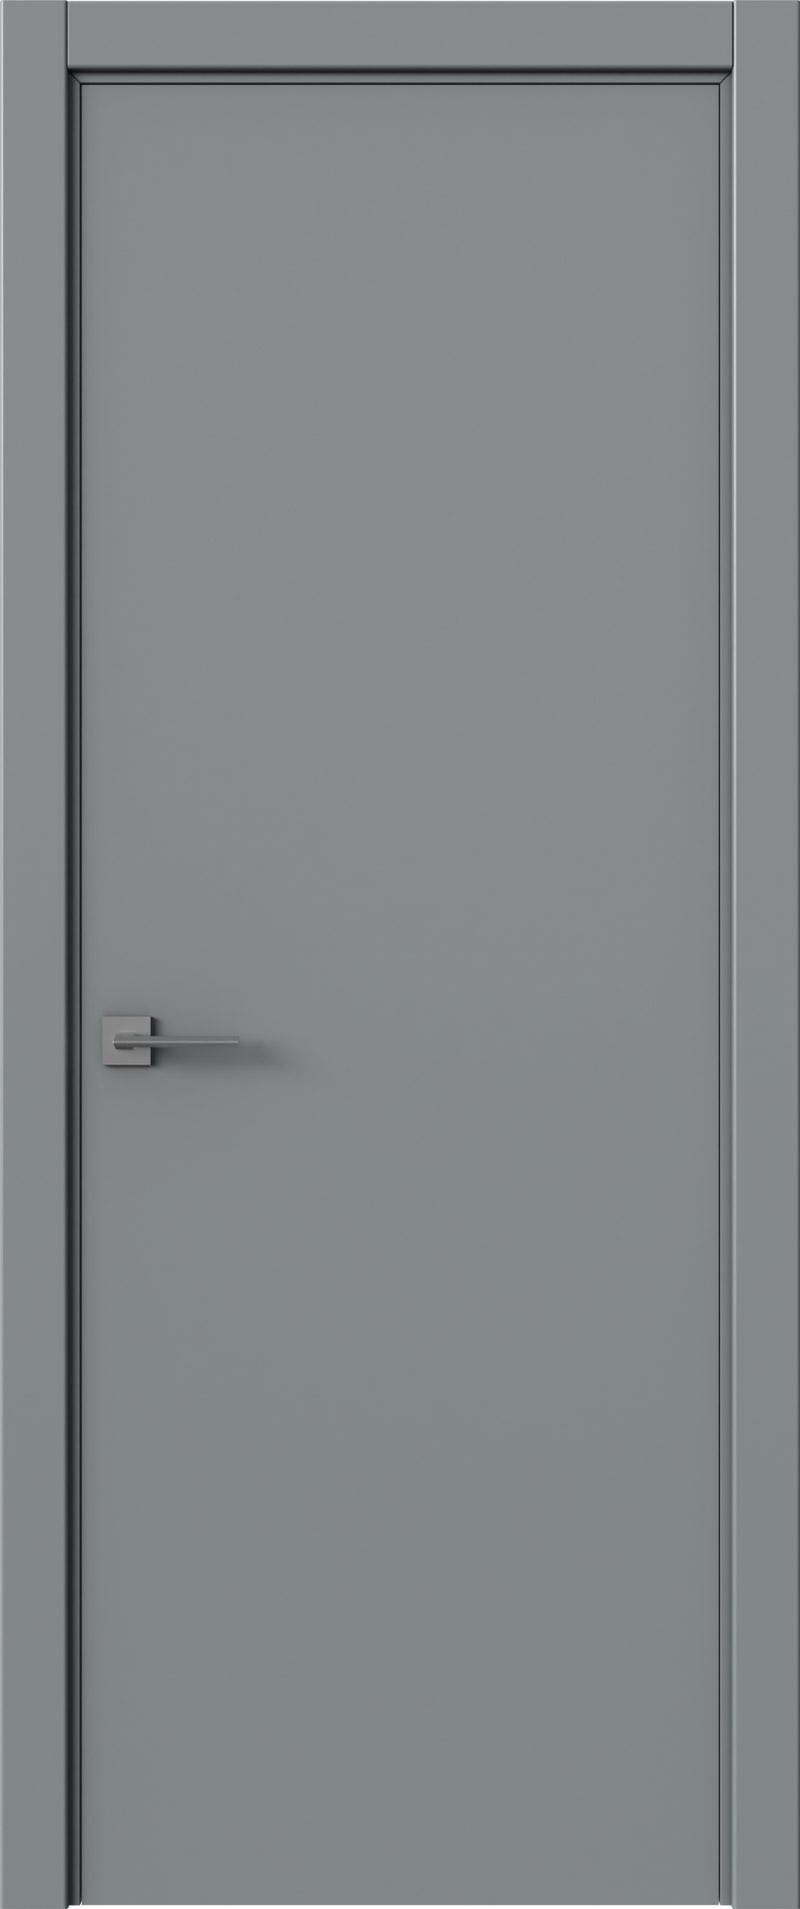 Tivoli А-5 цвет - Серебристо-серая эмаль (RAL 7045) Без стекла (ДГ)